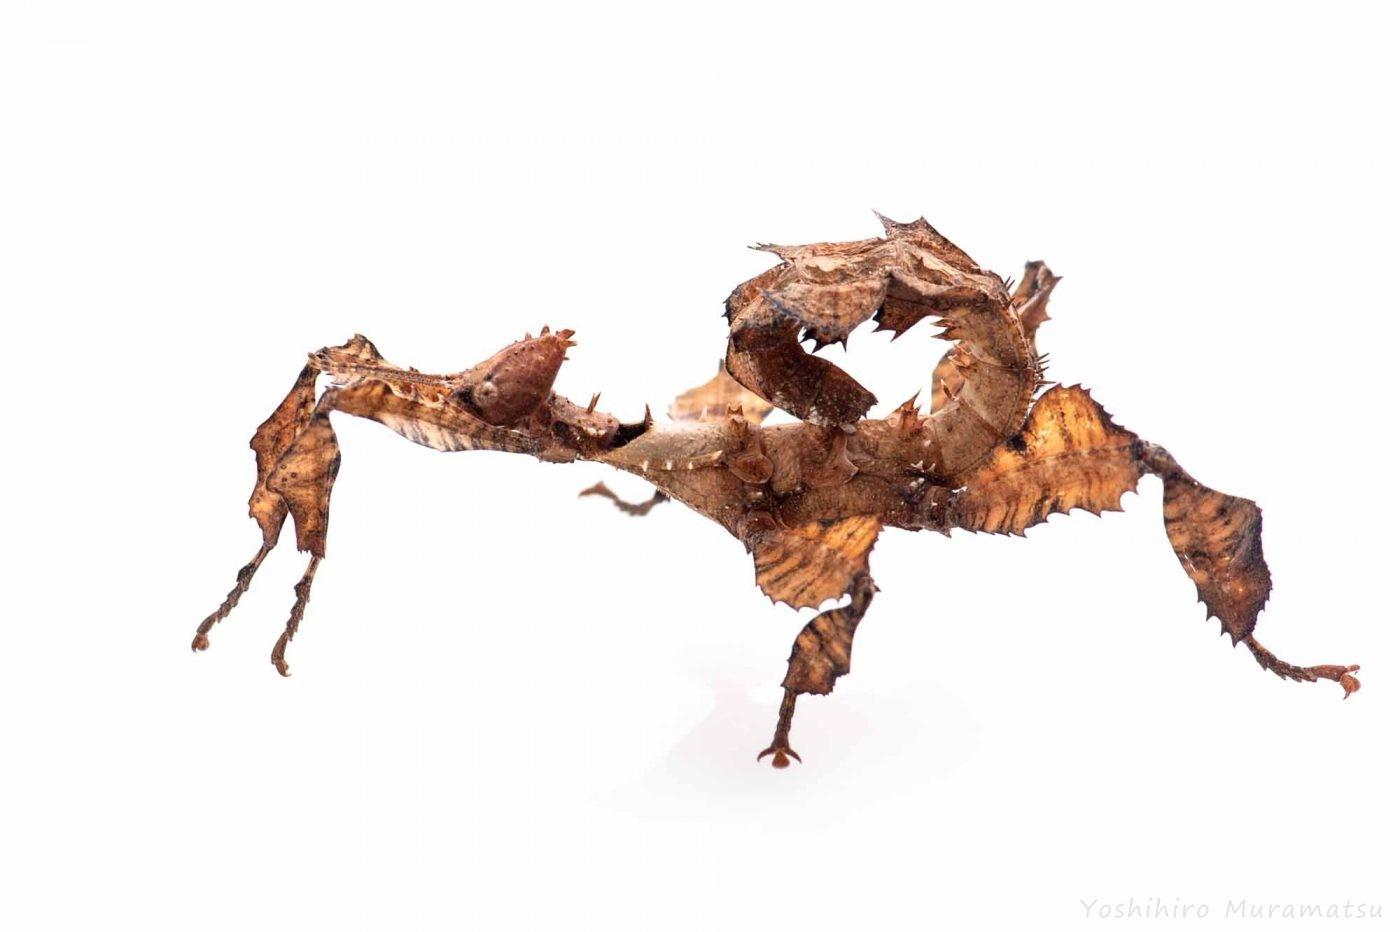 ユウレイヒレアシナナフシの写真